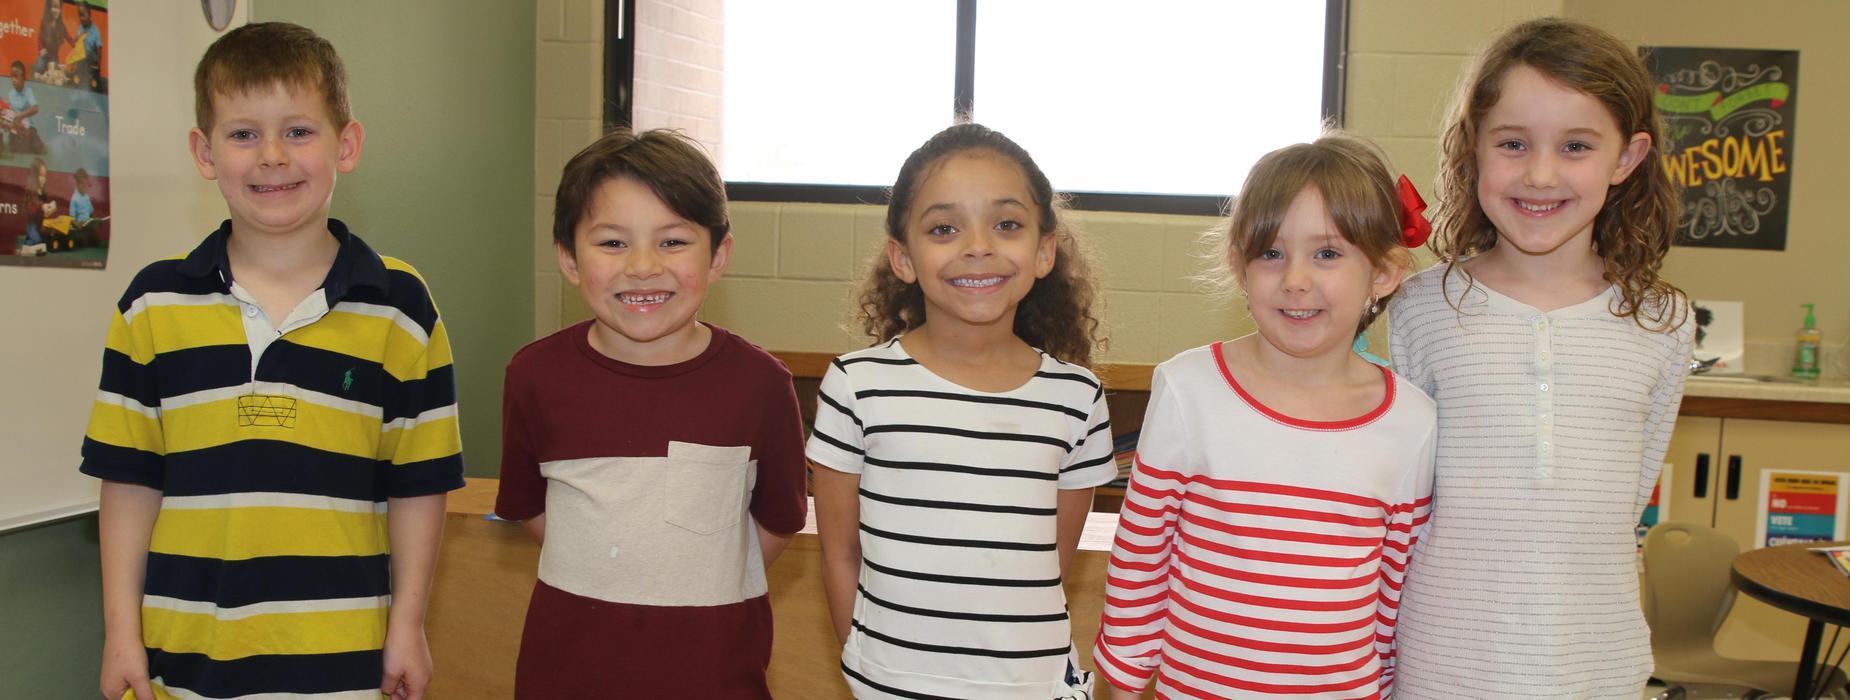 Five kindergarteners